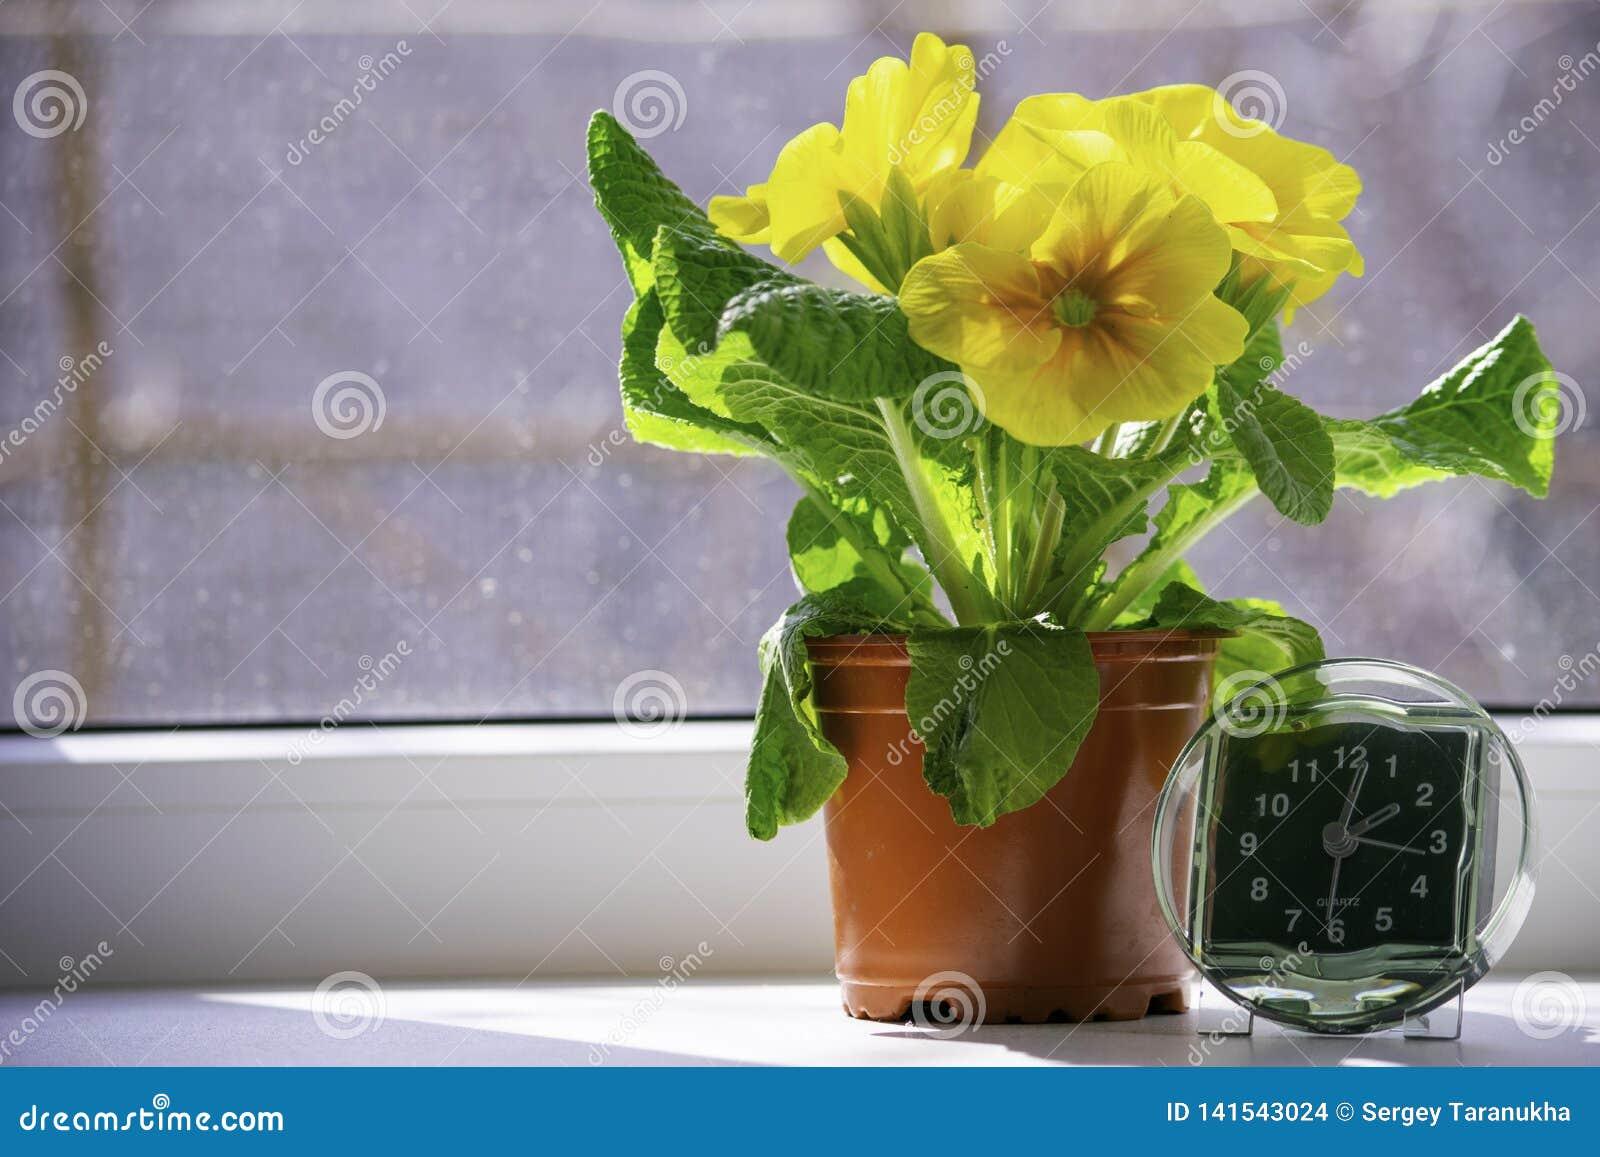 La transición al tiempo de verano, la llegada de la primavera, la situación del reloj en el ventana-travesaño sol-mojado al lado